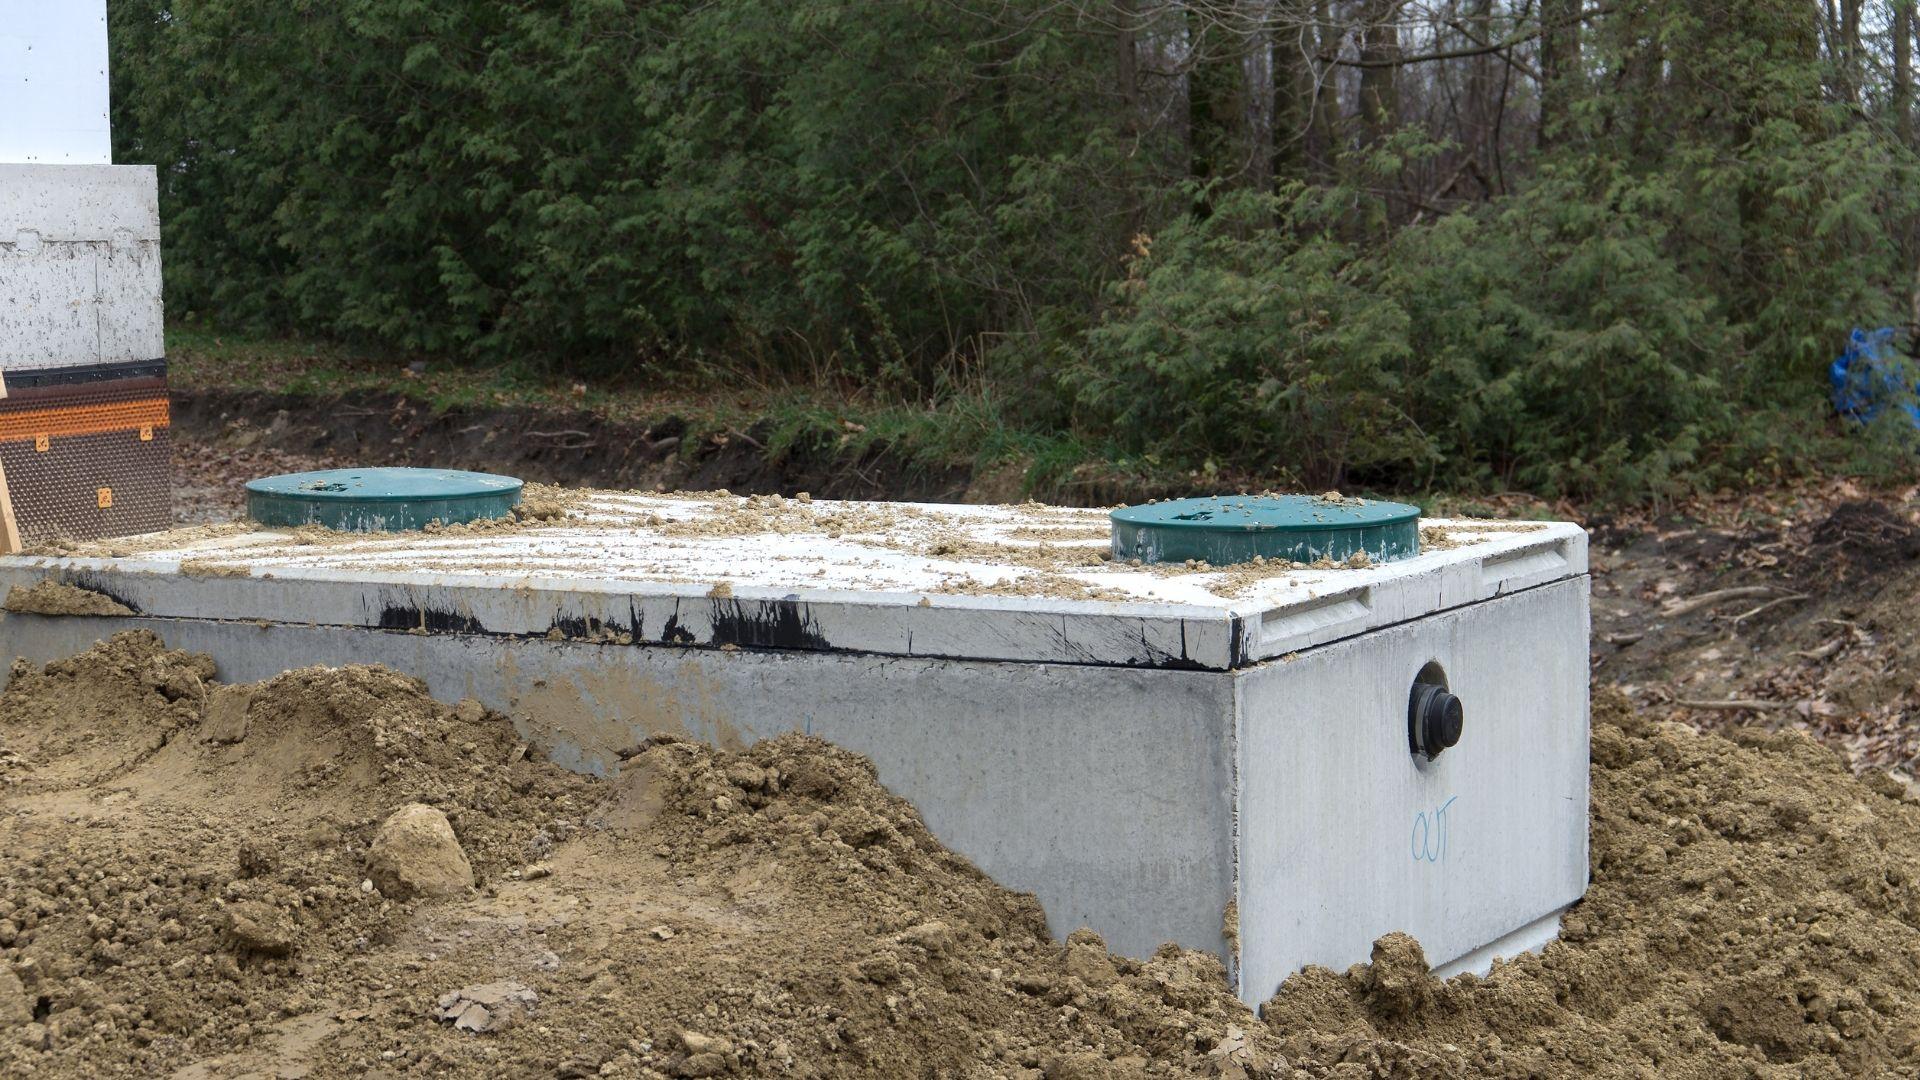 Szambo betonowe 12 m3 - czy to dobry wybór dla domu? 1